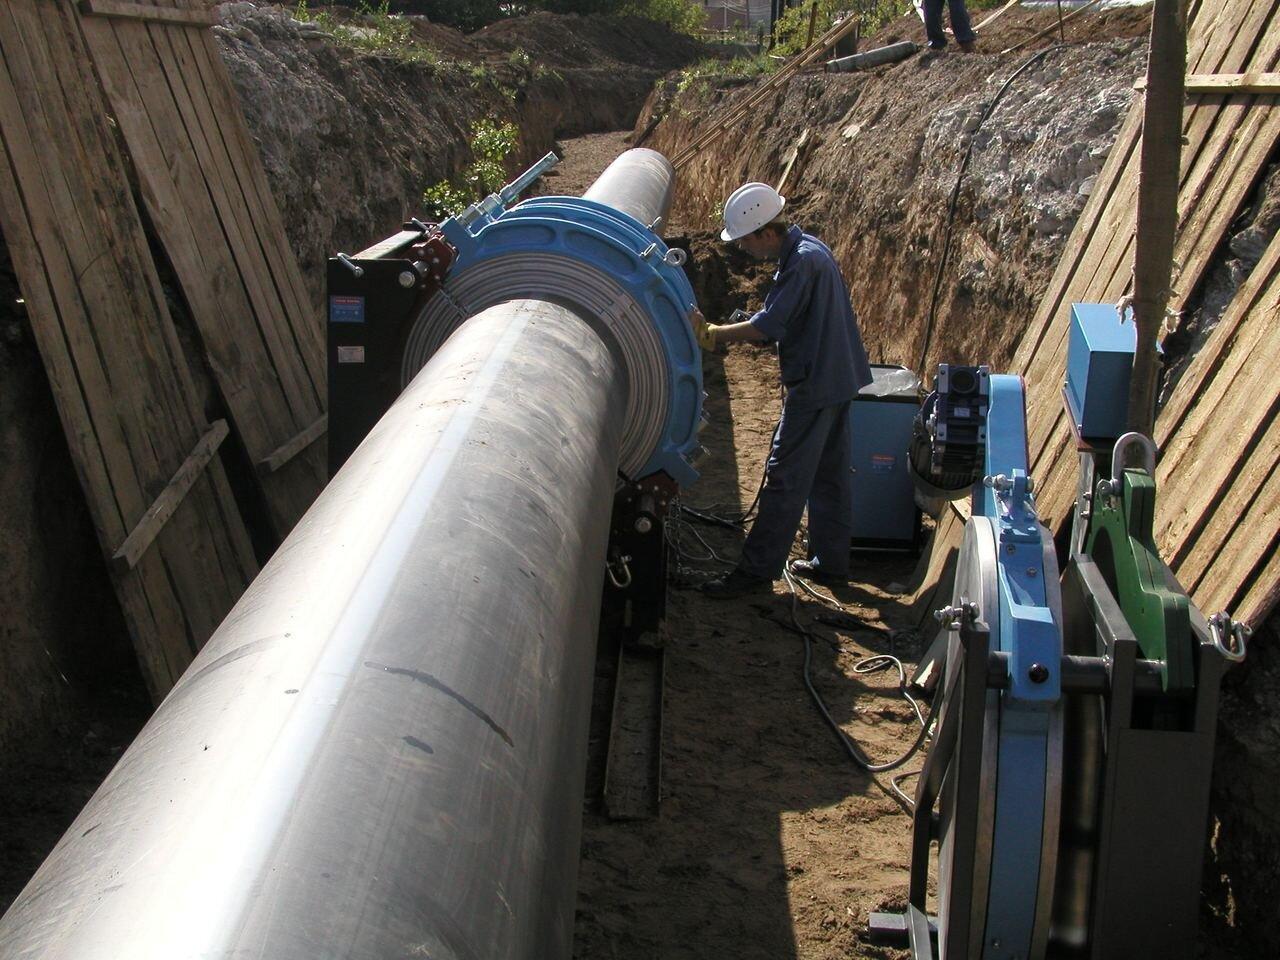 Каболка канализационная, водопроводная - фото соединения труб